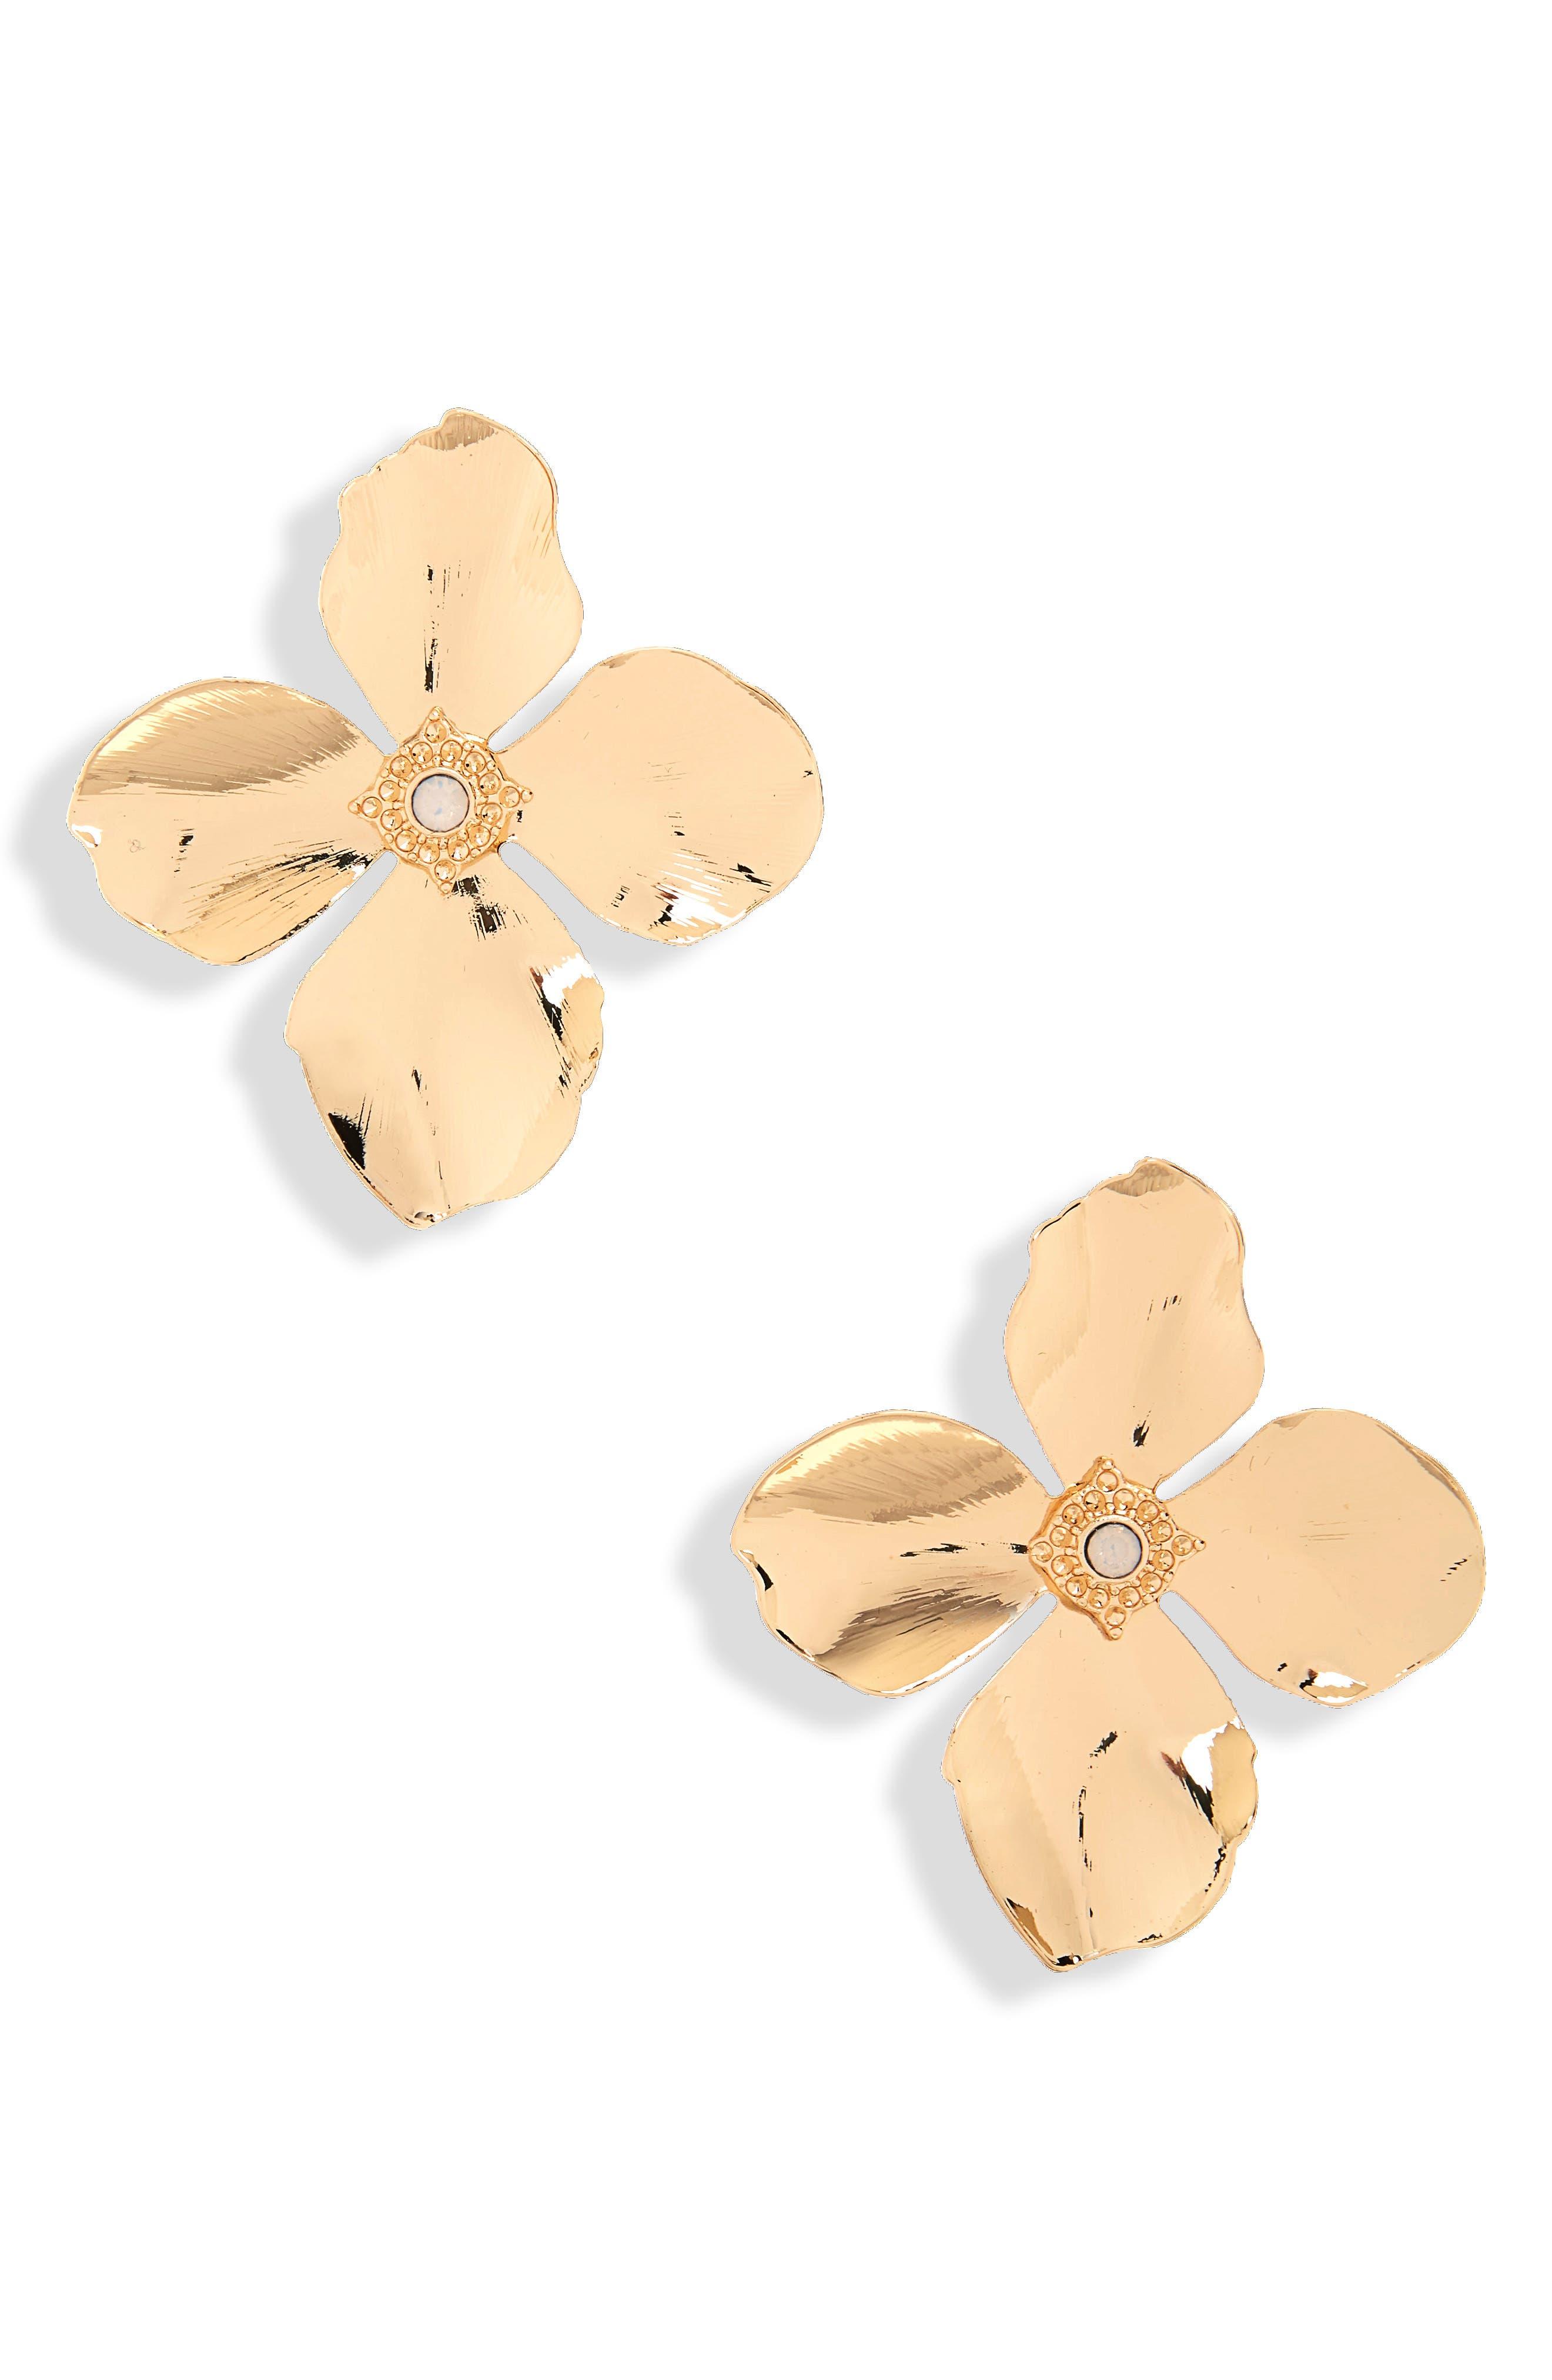 Azalea Floral Earrings,                             Main thumbnail 1, color,                             Yellow Gold